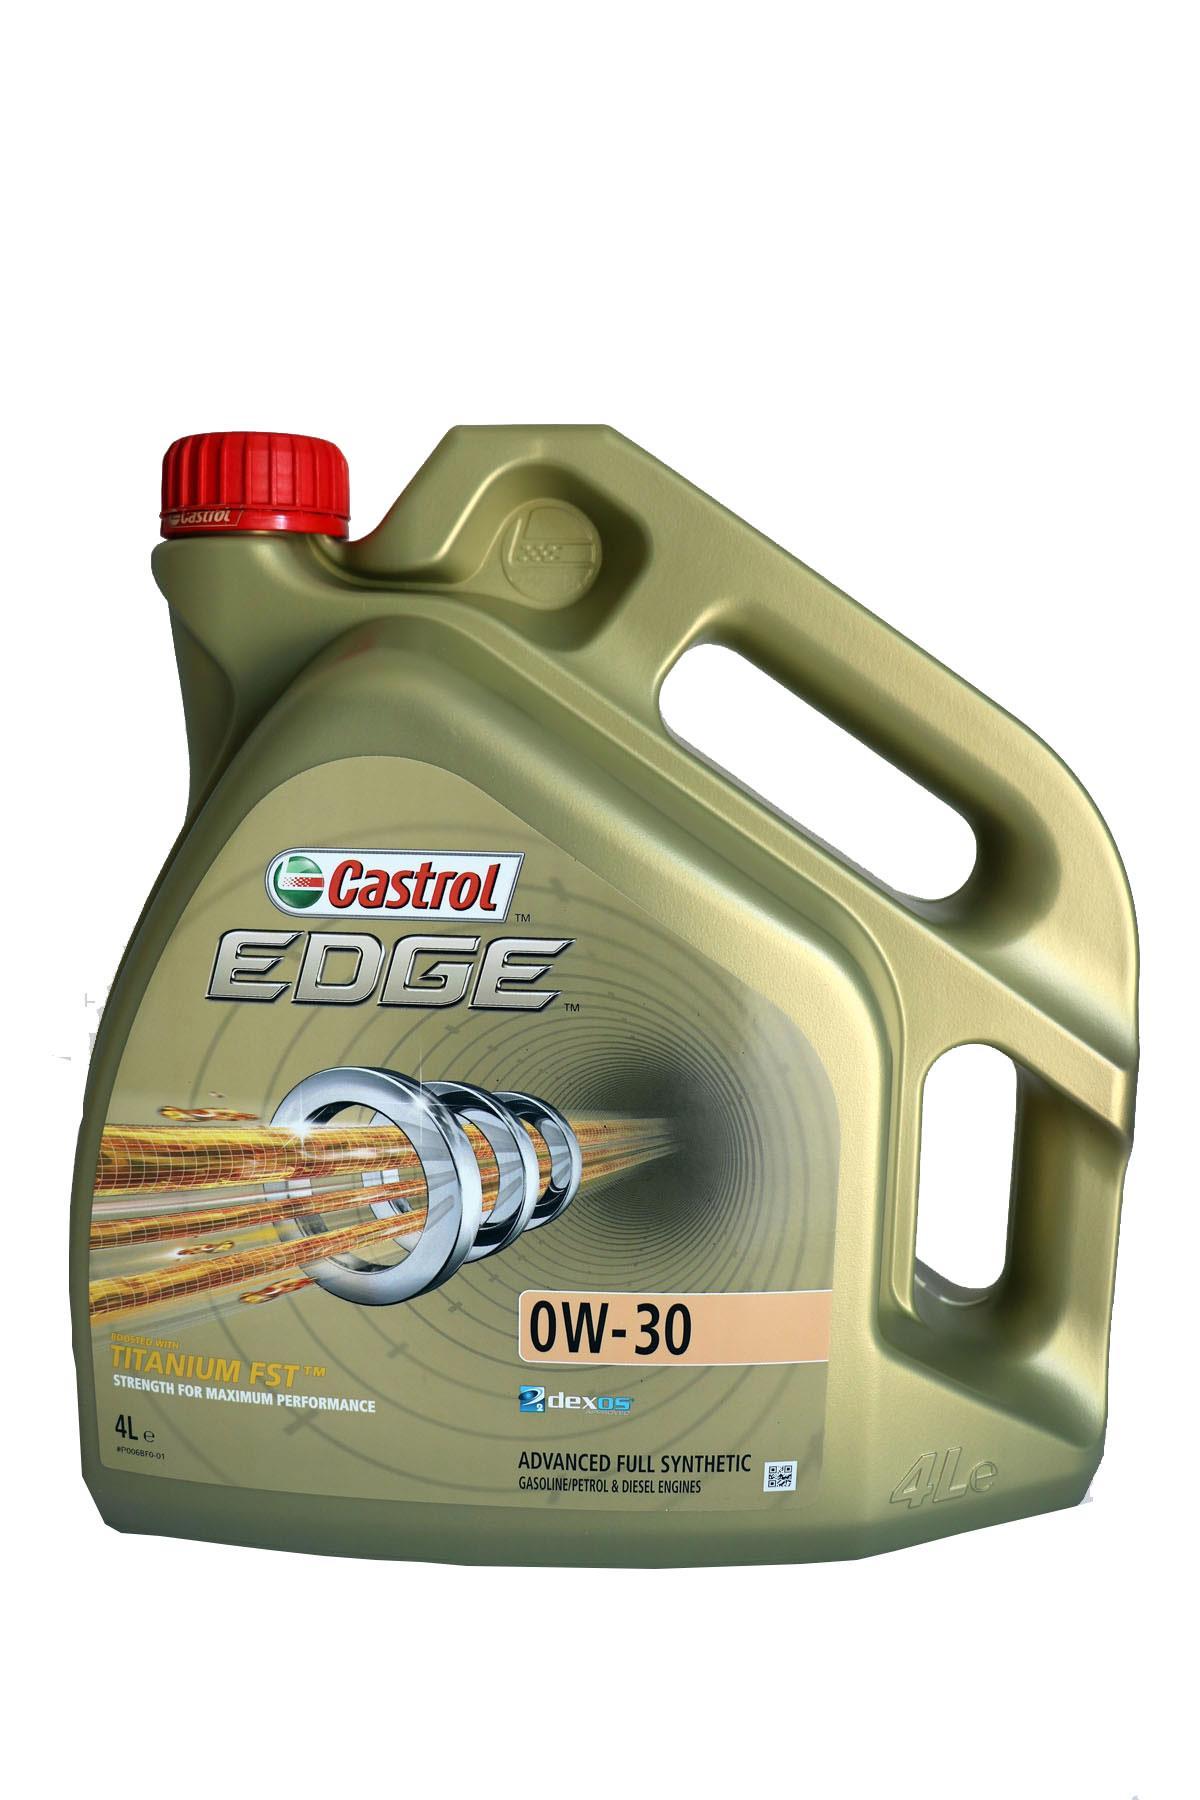 Castrol Edge 0W-30 Motoröl, 4l